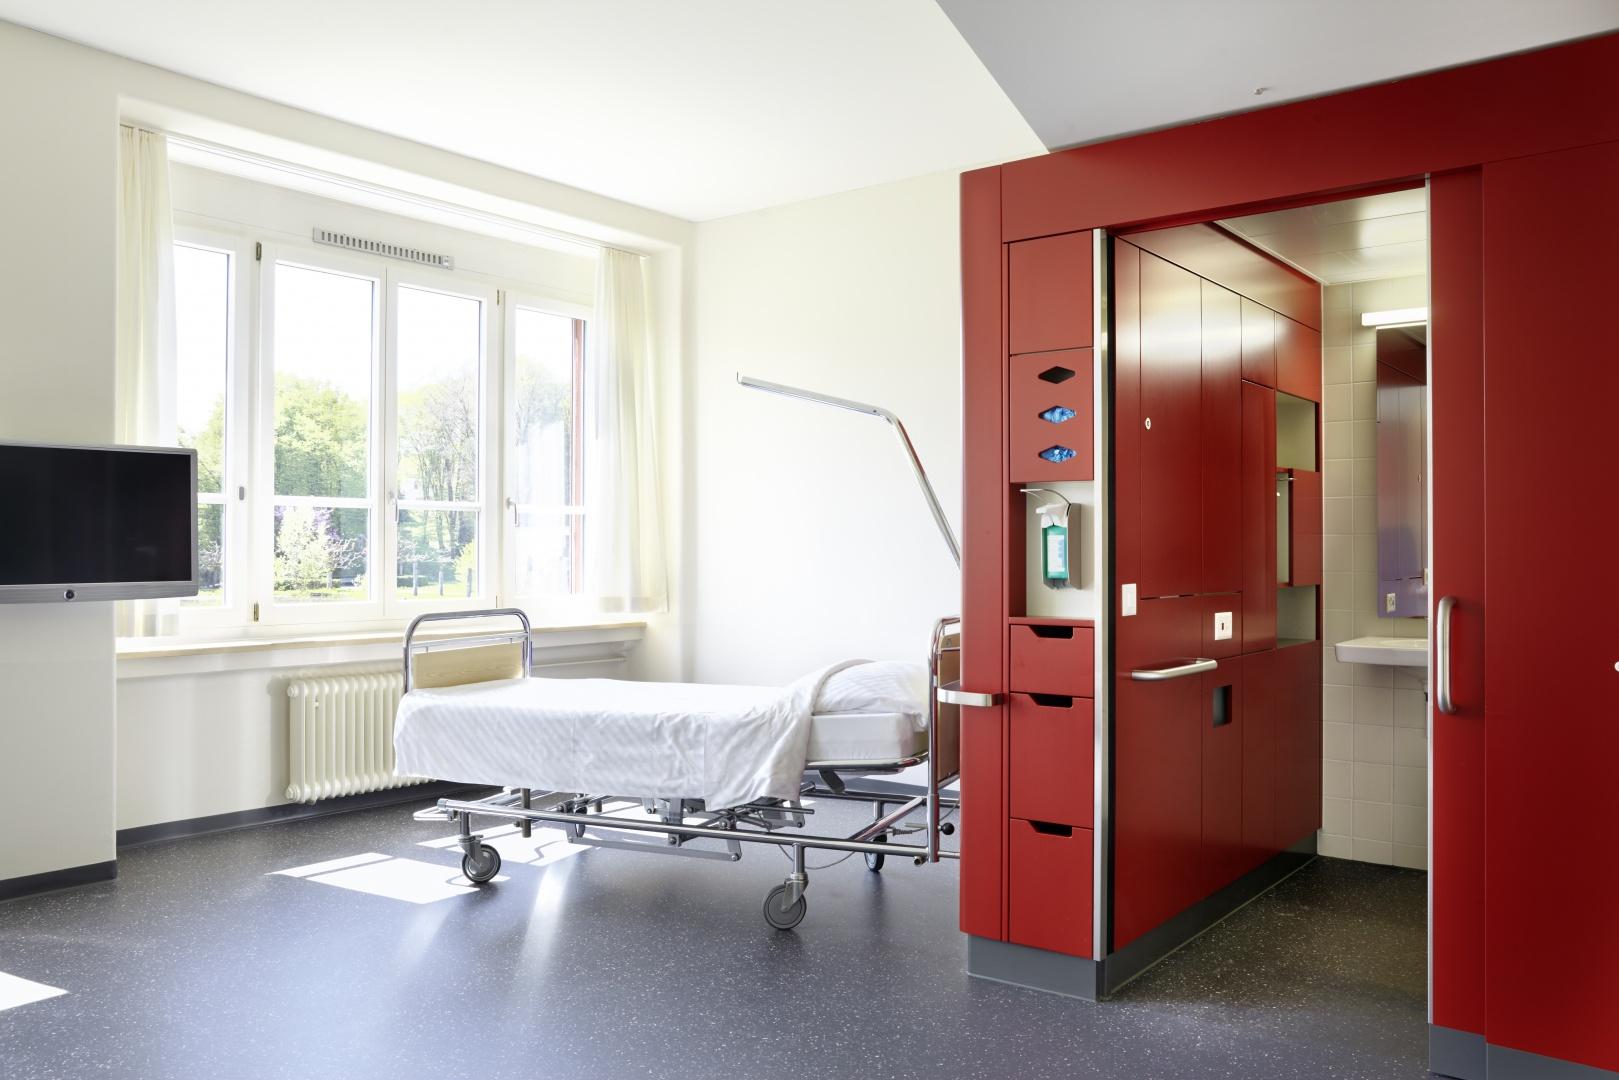 Patientenzimmer © Hannes Henz, Zürich